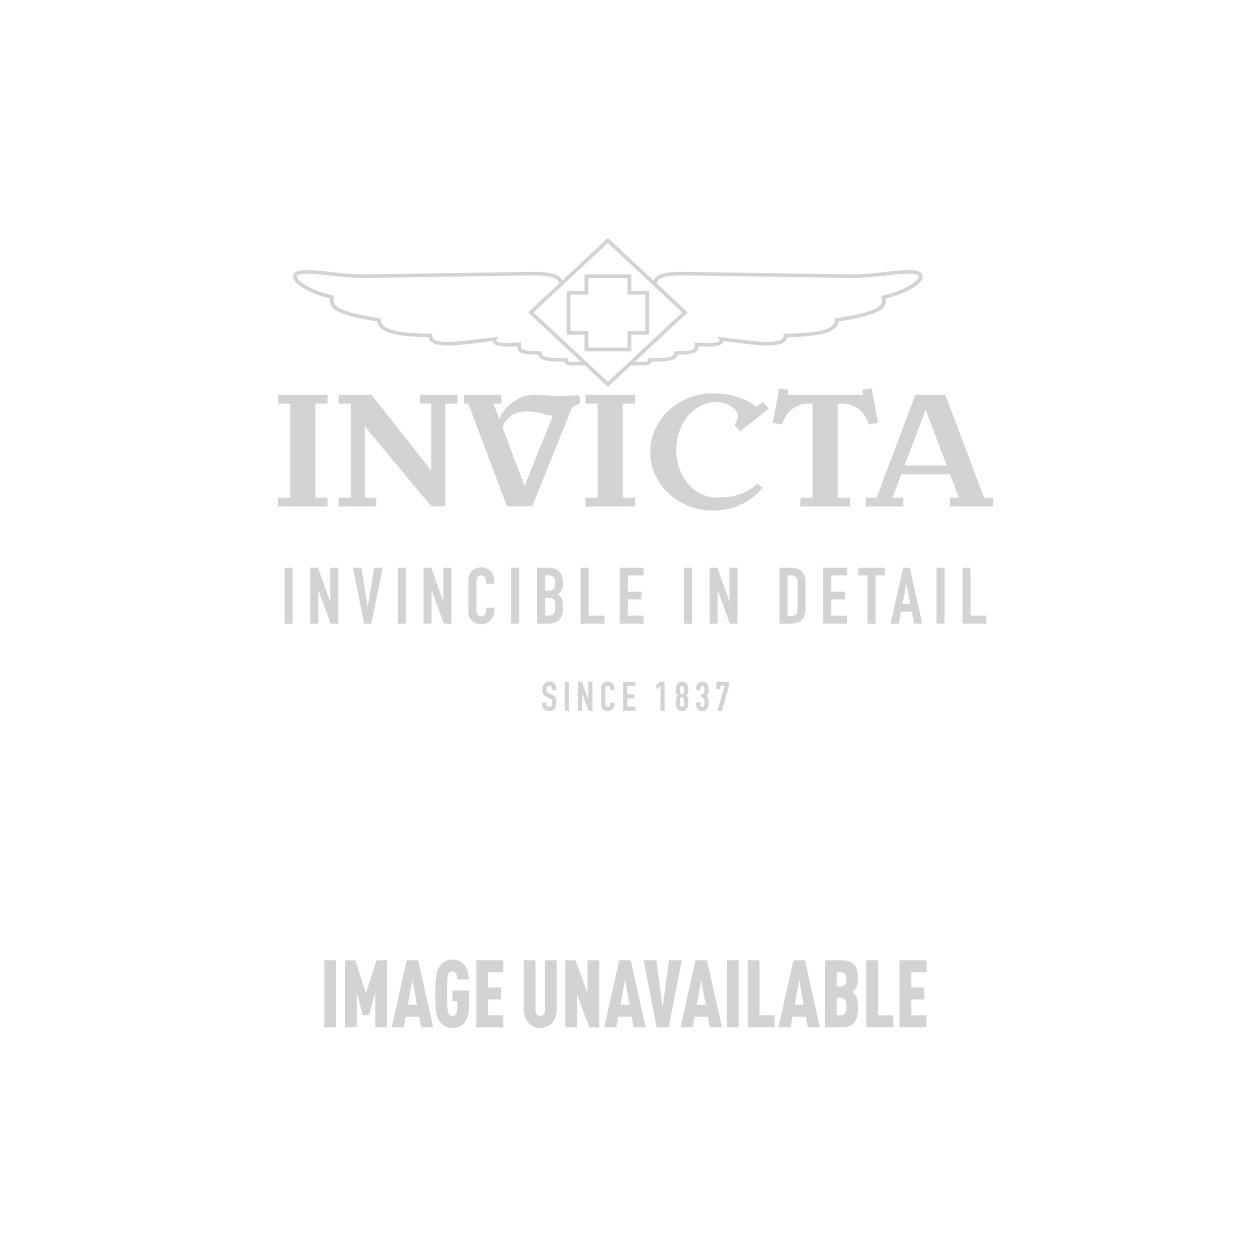 Invicta Model 25847